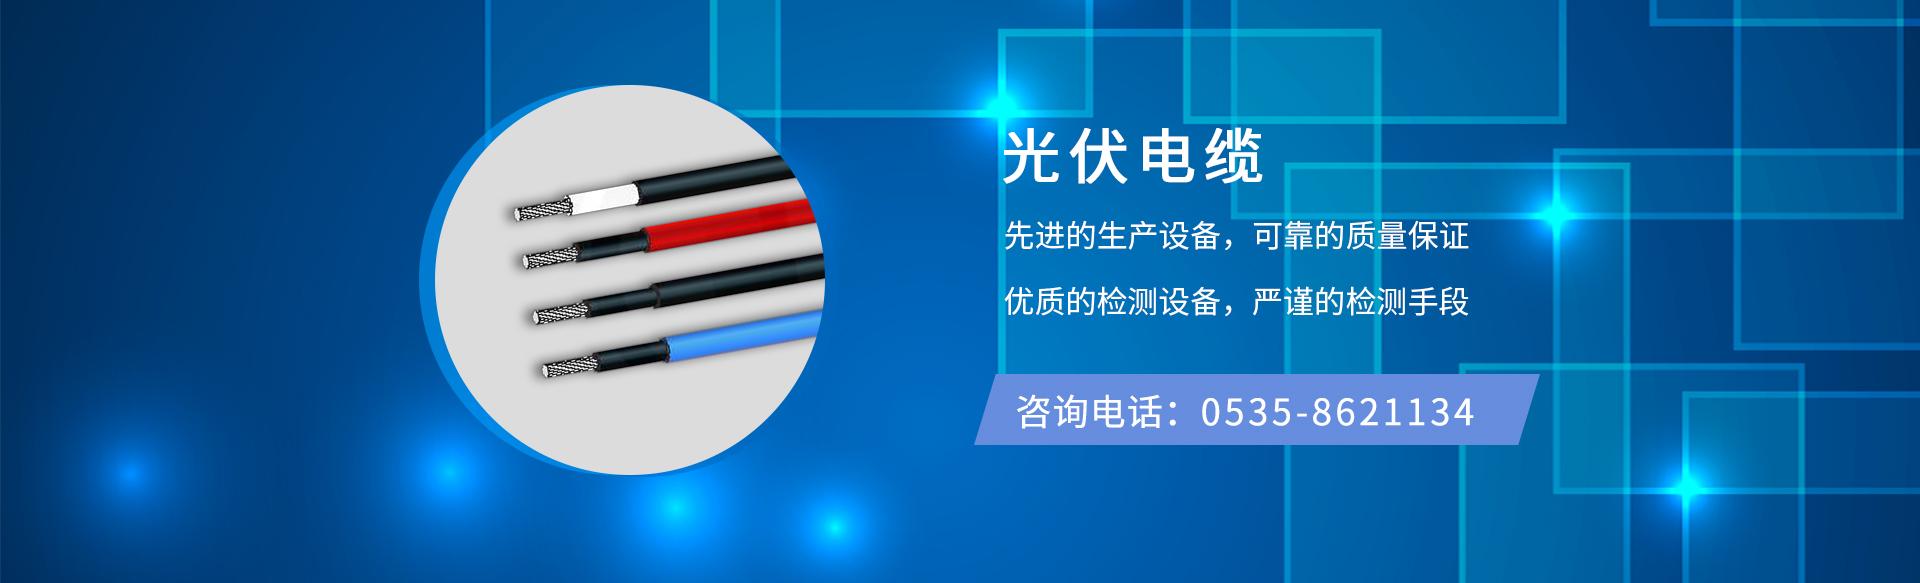 新能源电缆